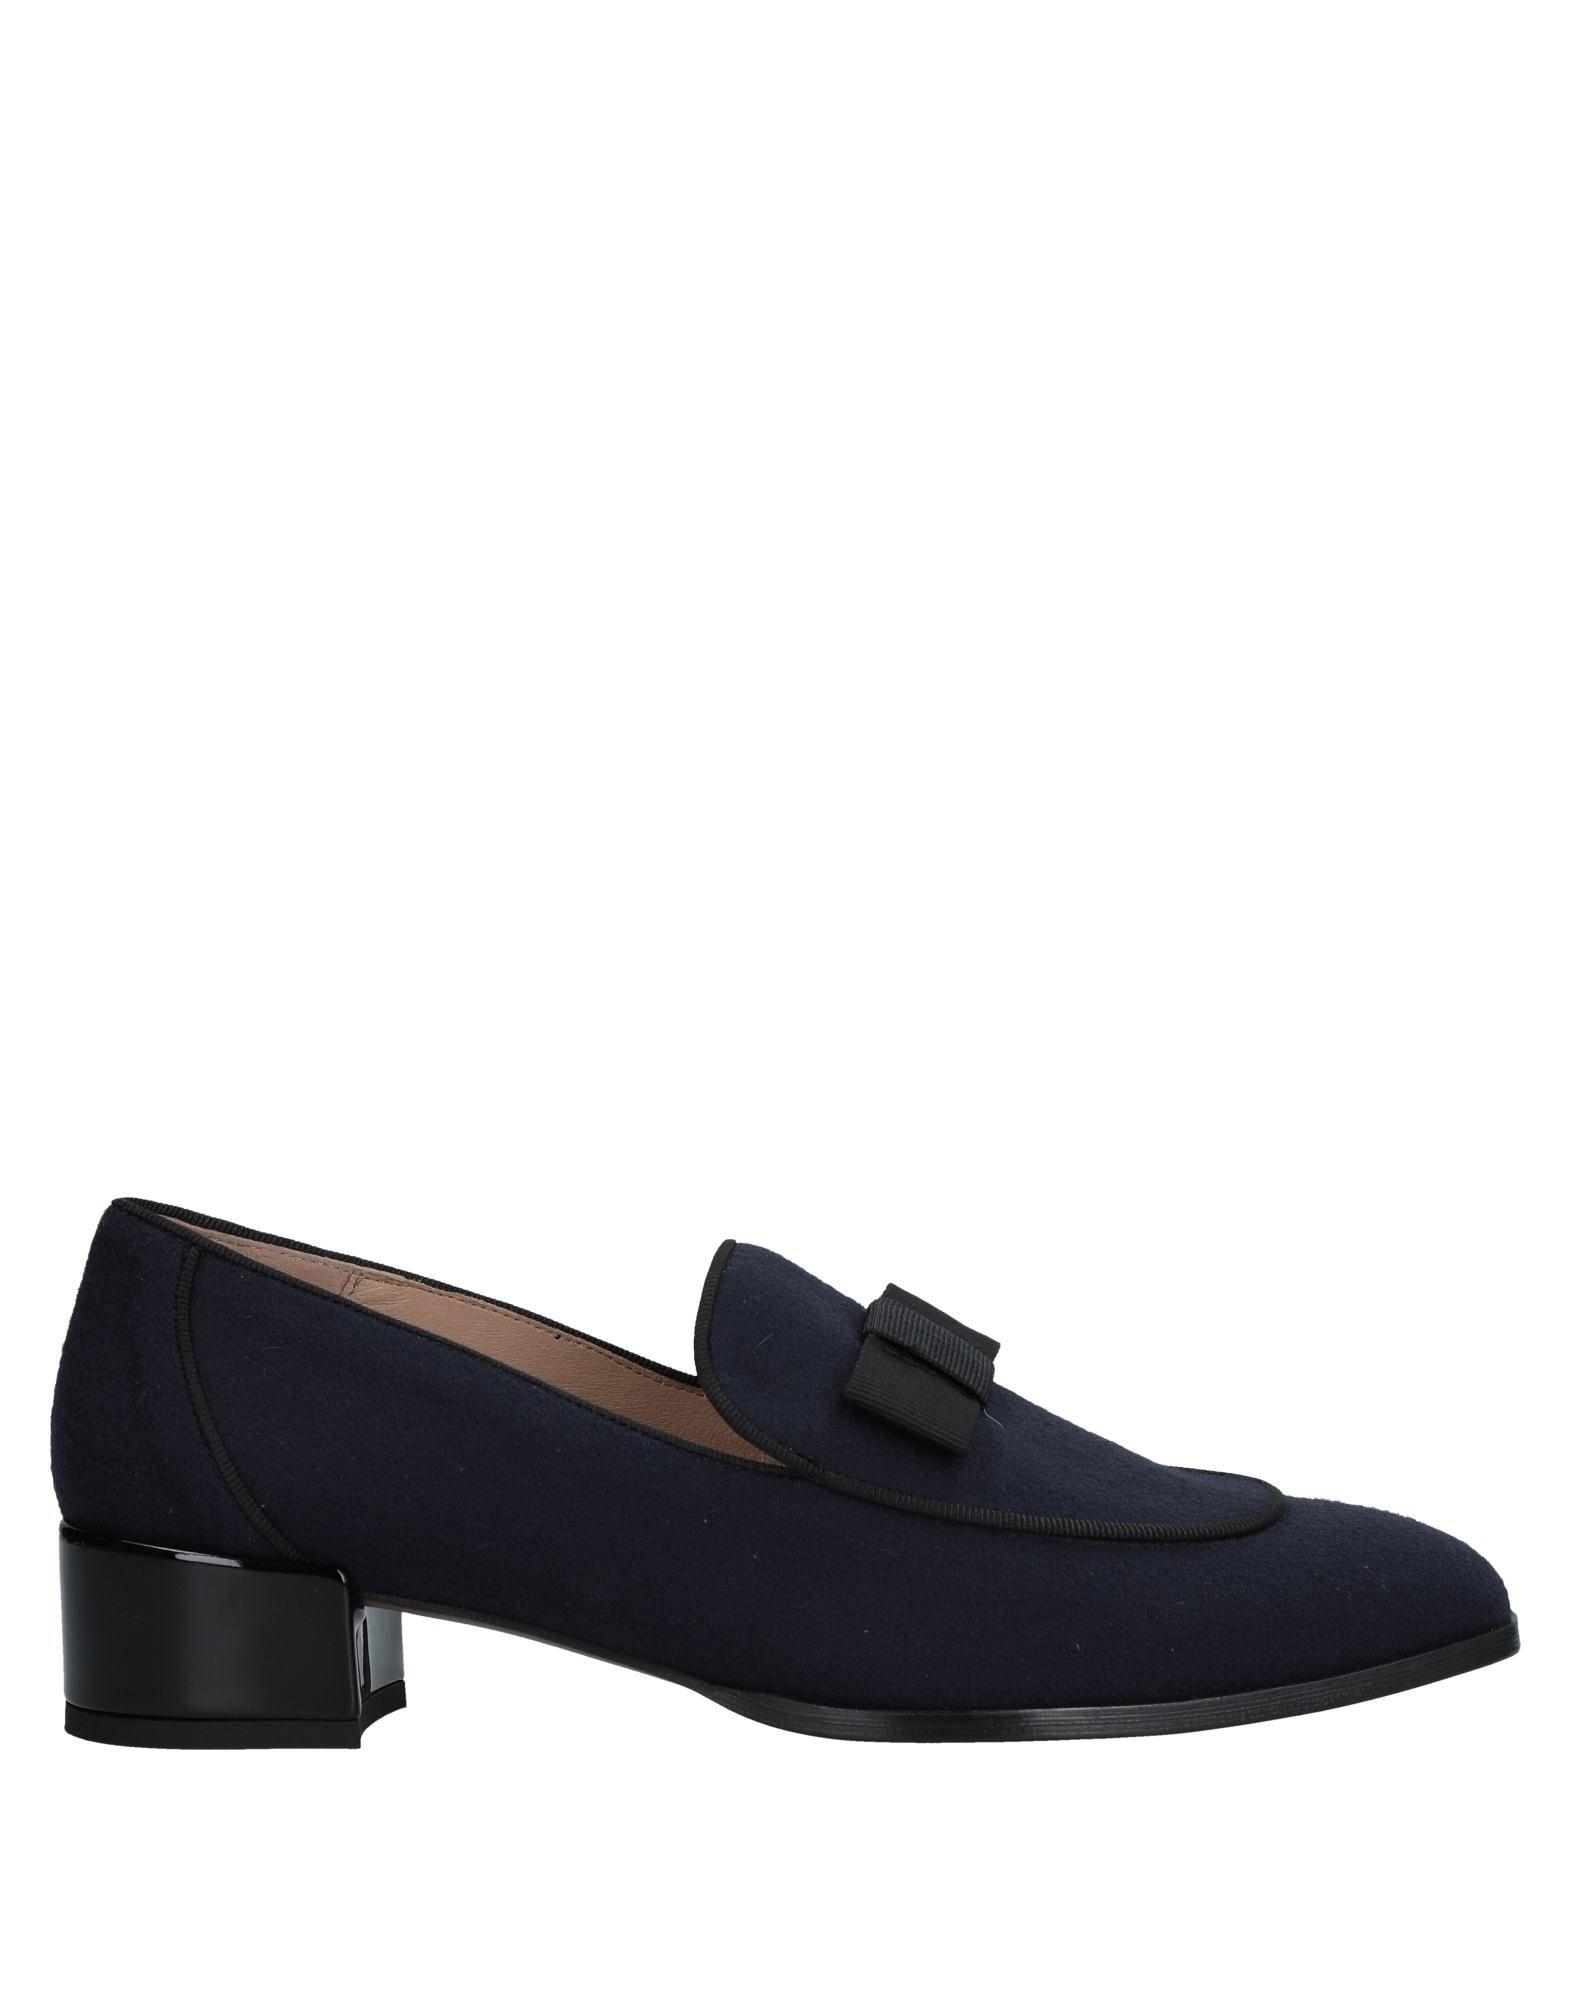 Hannibal Laguna Mokassins Damen  11541919LI Gute Qualität beliebte Schuhe